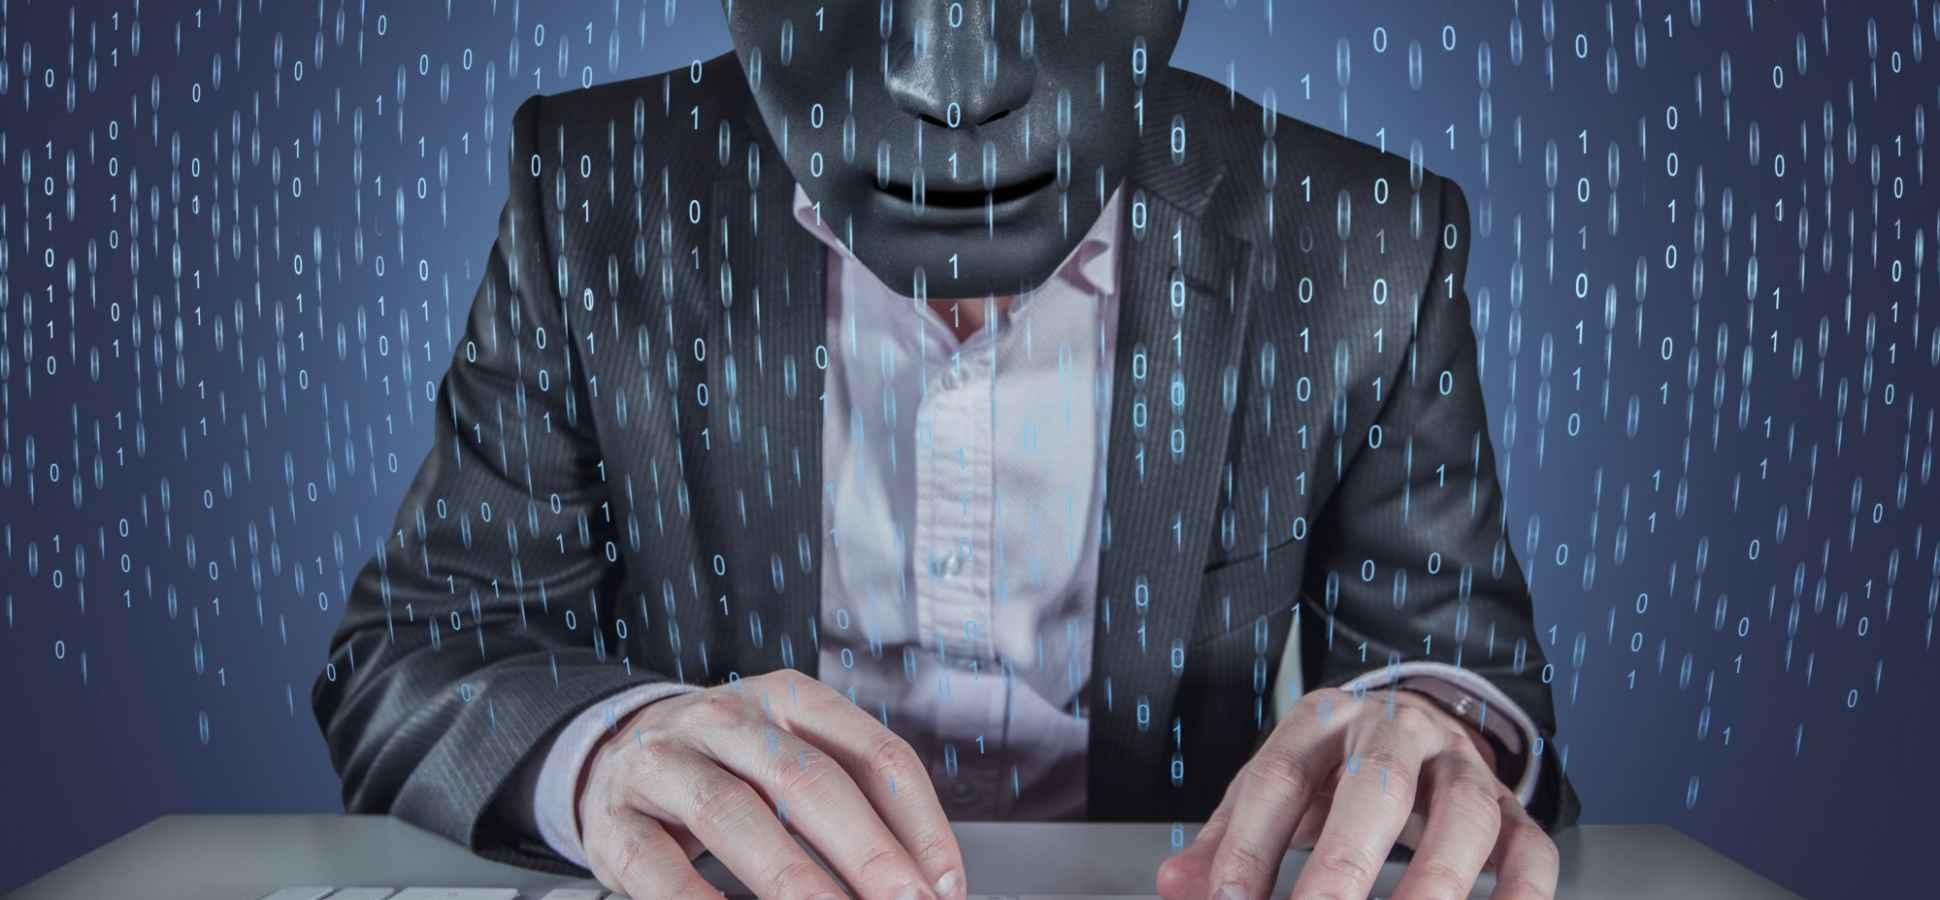 Facebook Users Beware This Scam Inccom